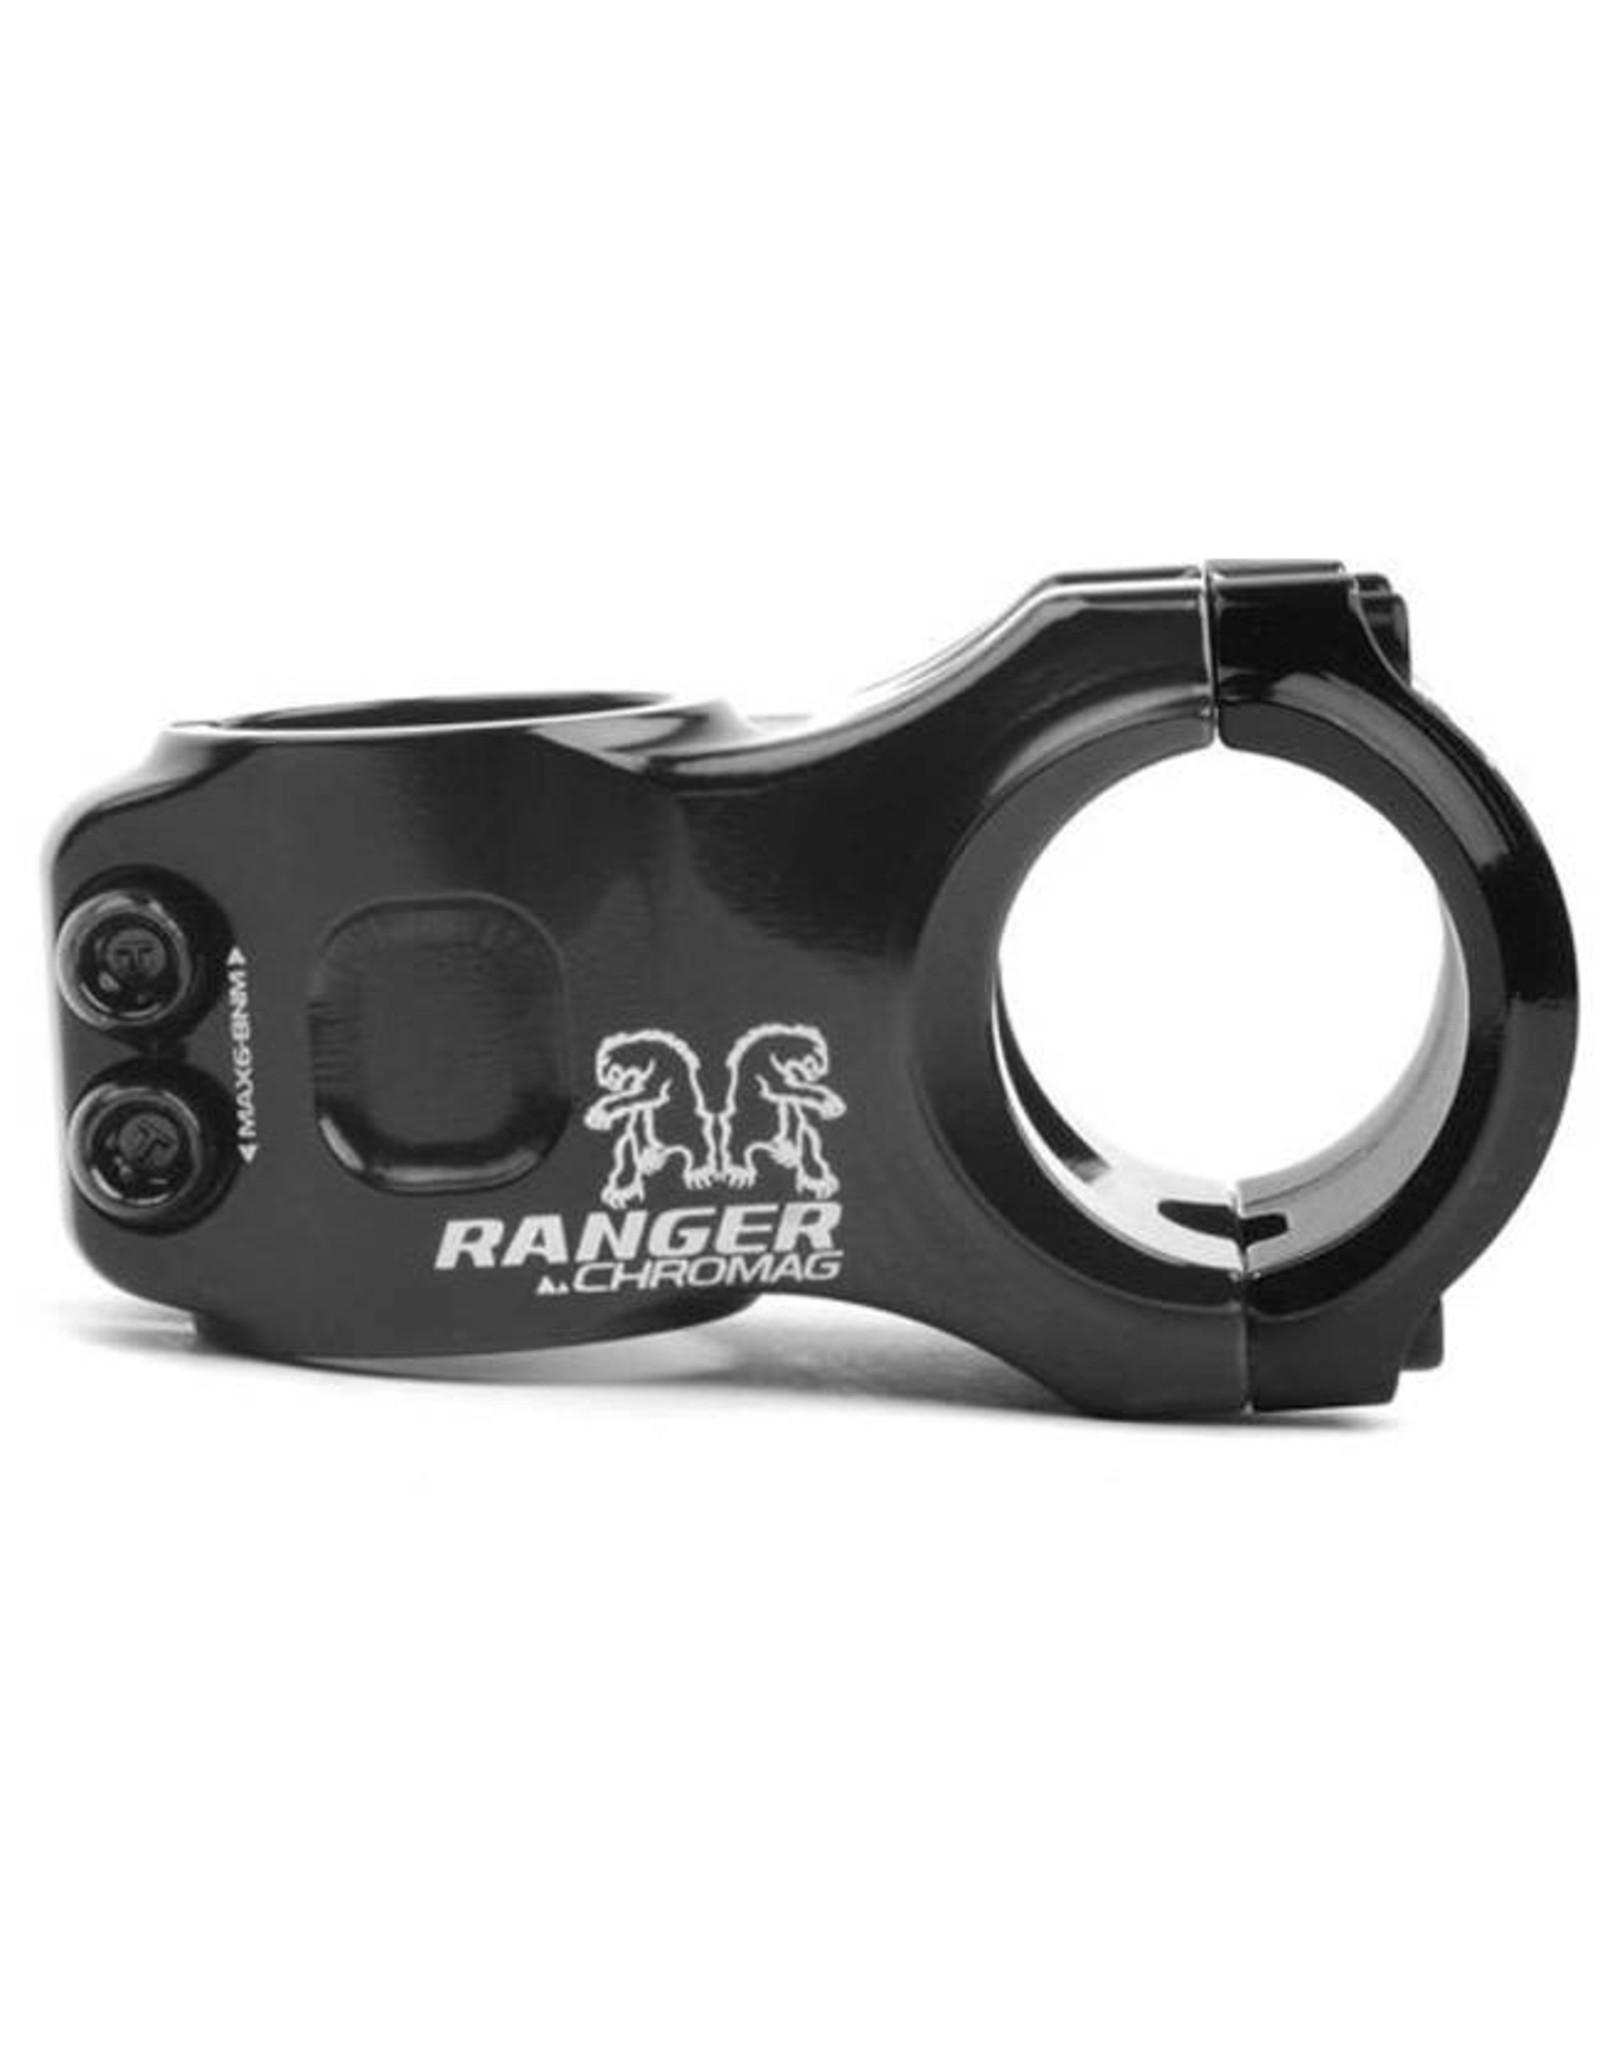 """Chromag Ranger V2 Stem: 31mm, 31.8mm Clamp, 1-1/8"""", +/- 0 Degree, Black"""